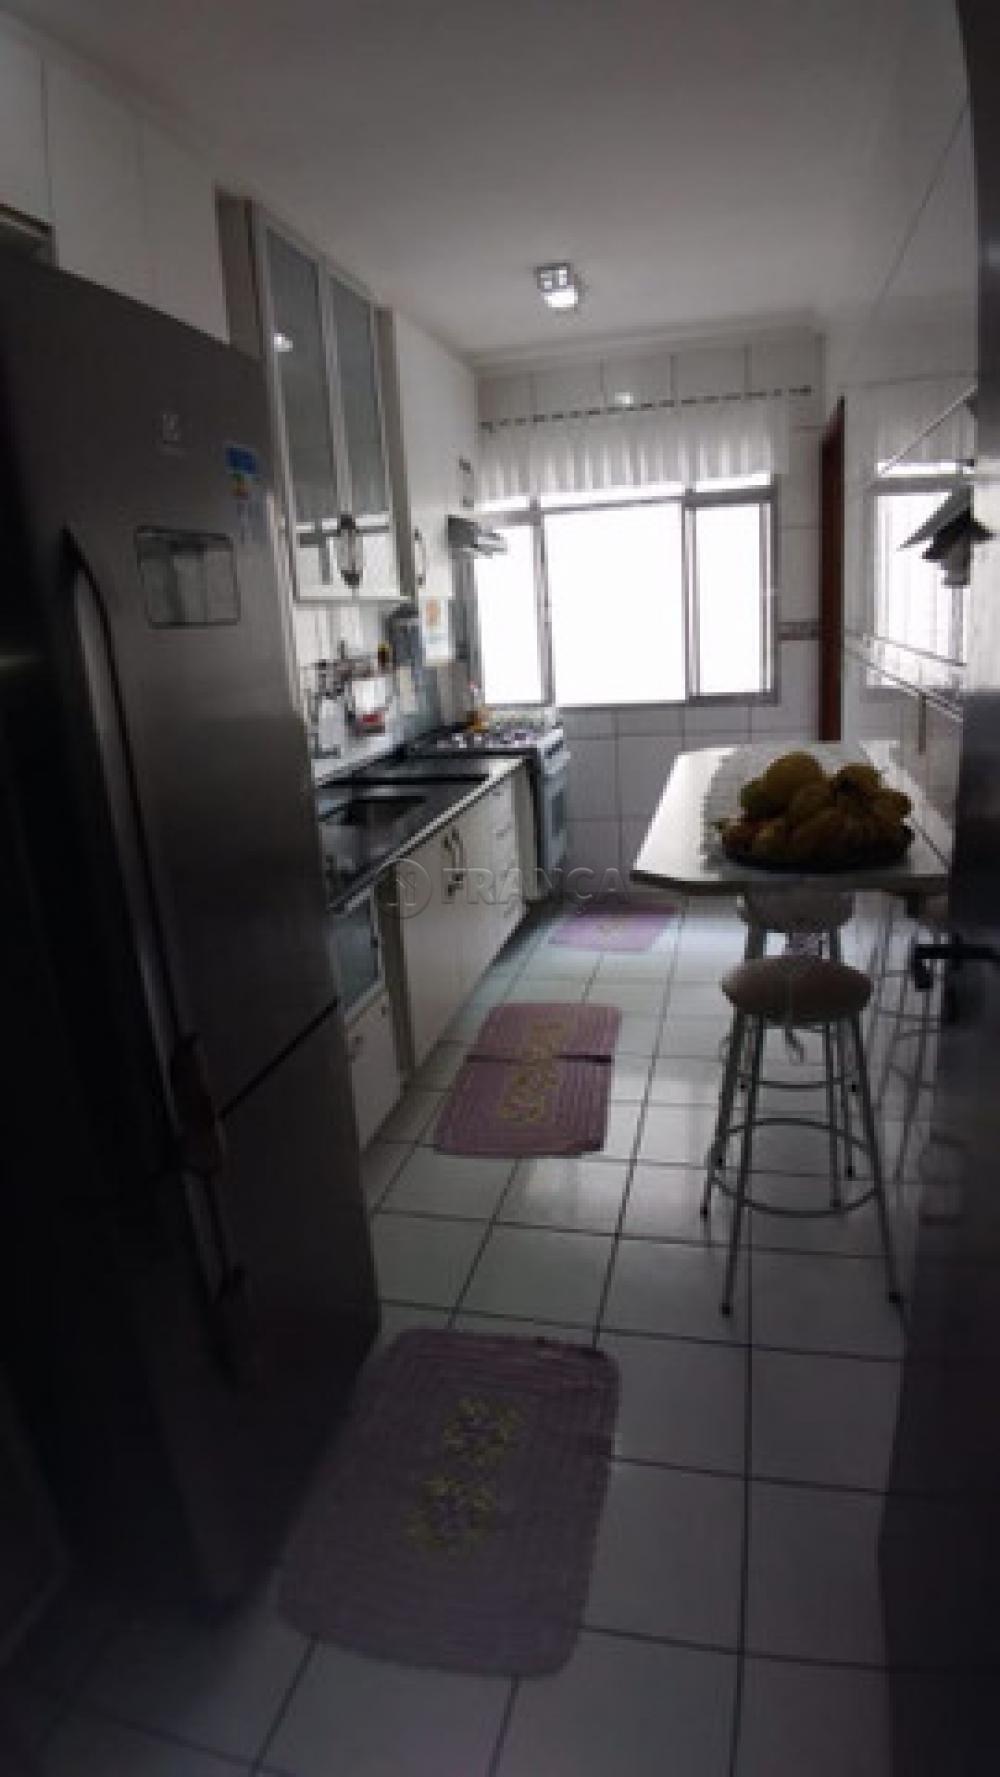 Comprar Apartamento / Padrão em São José dos Campos apenas R$ 287.000,00 - Foto 6